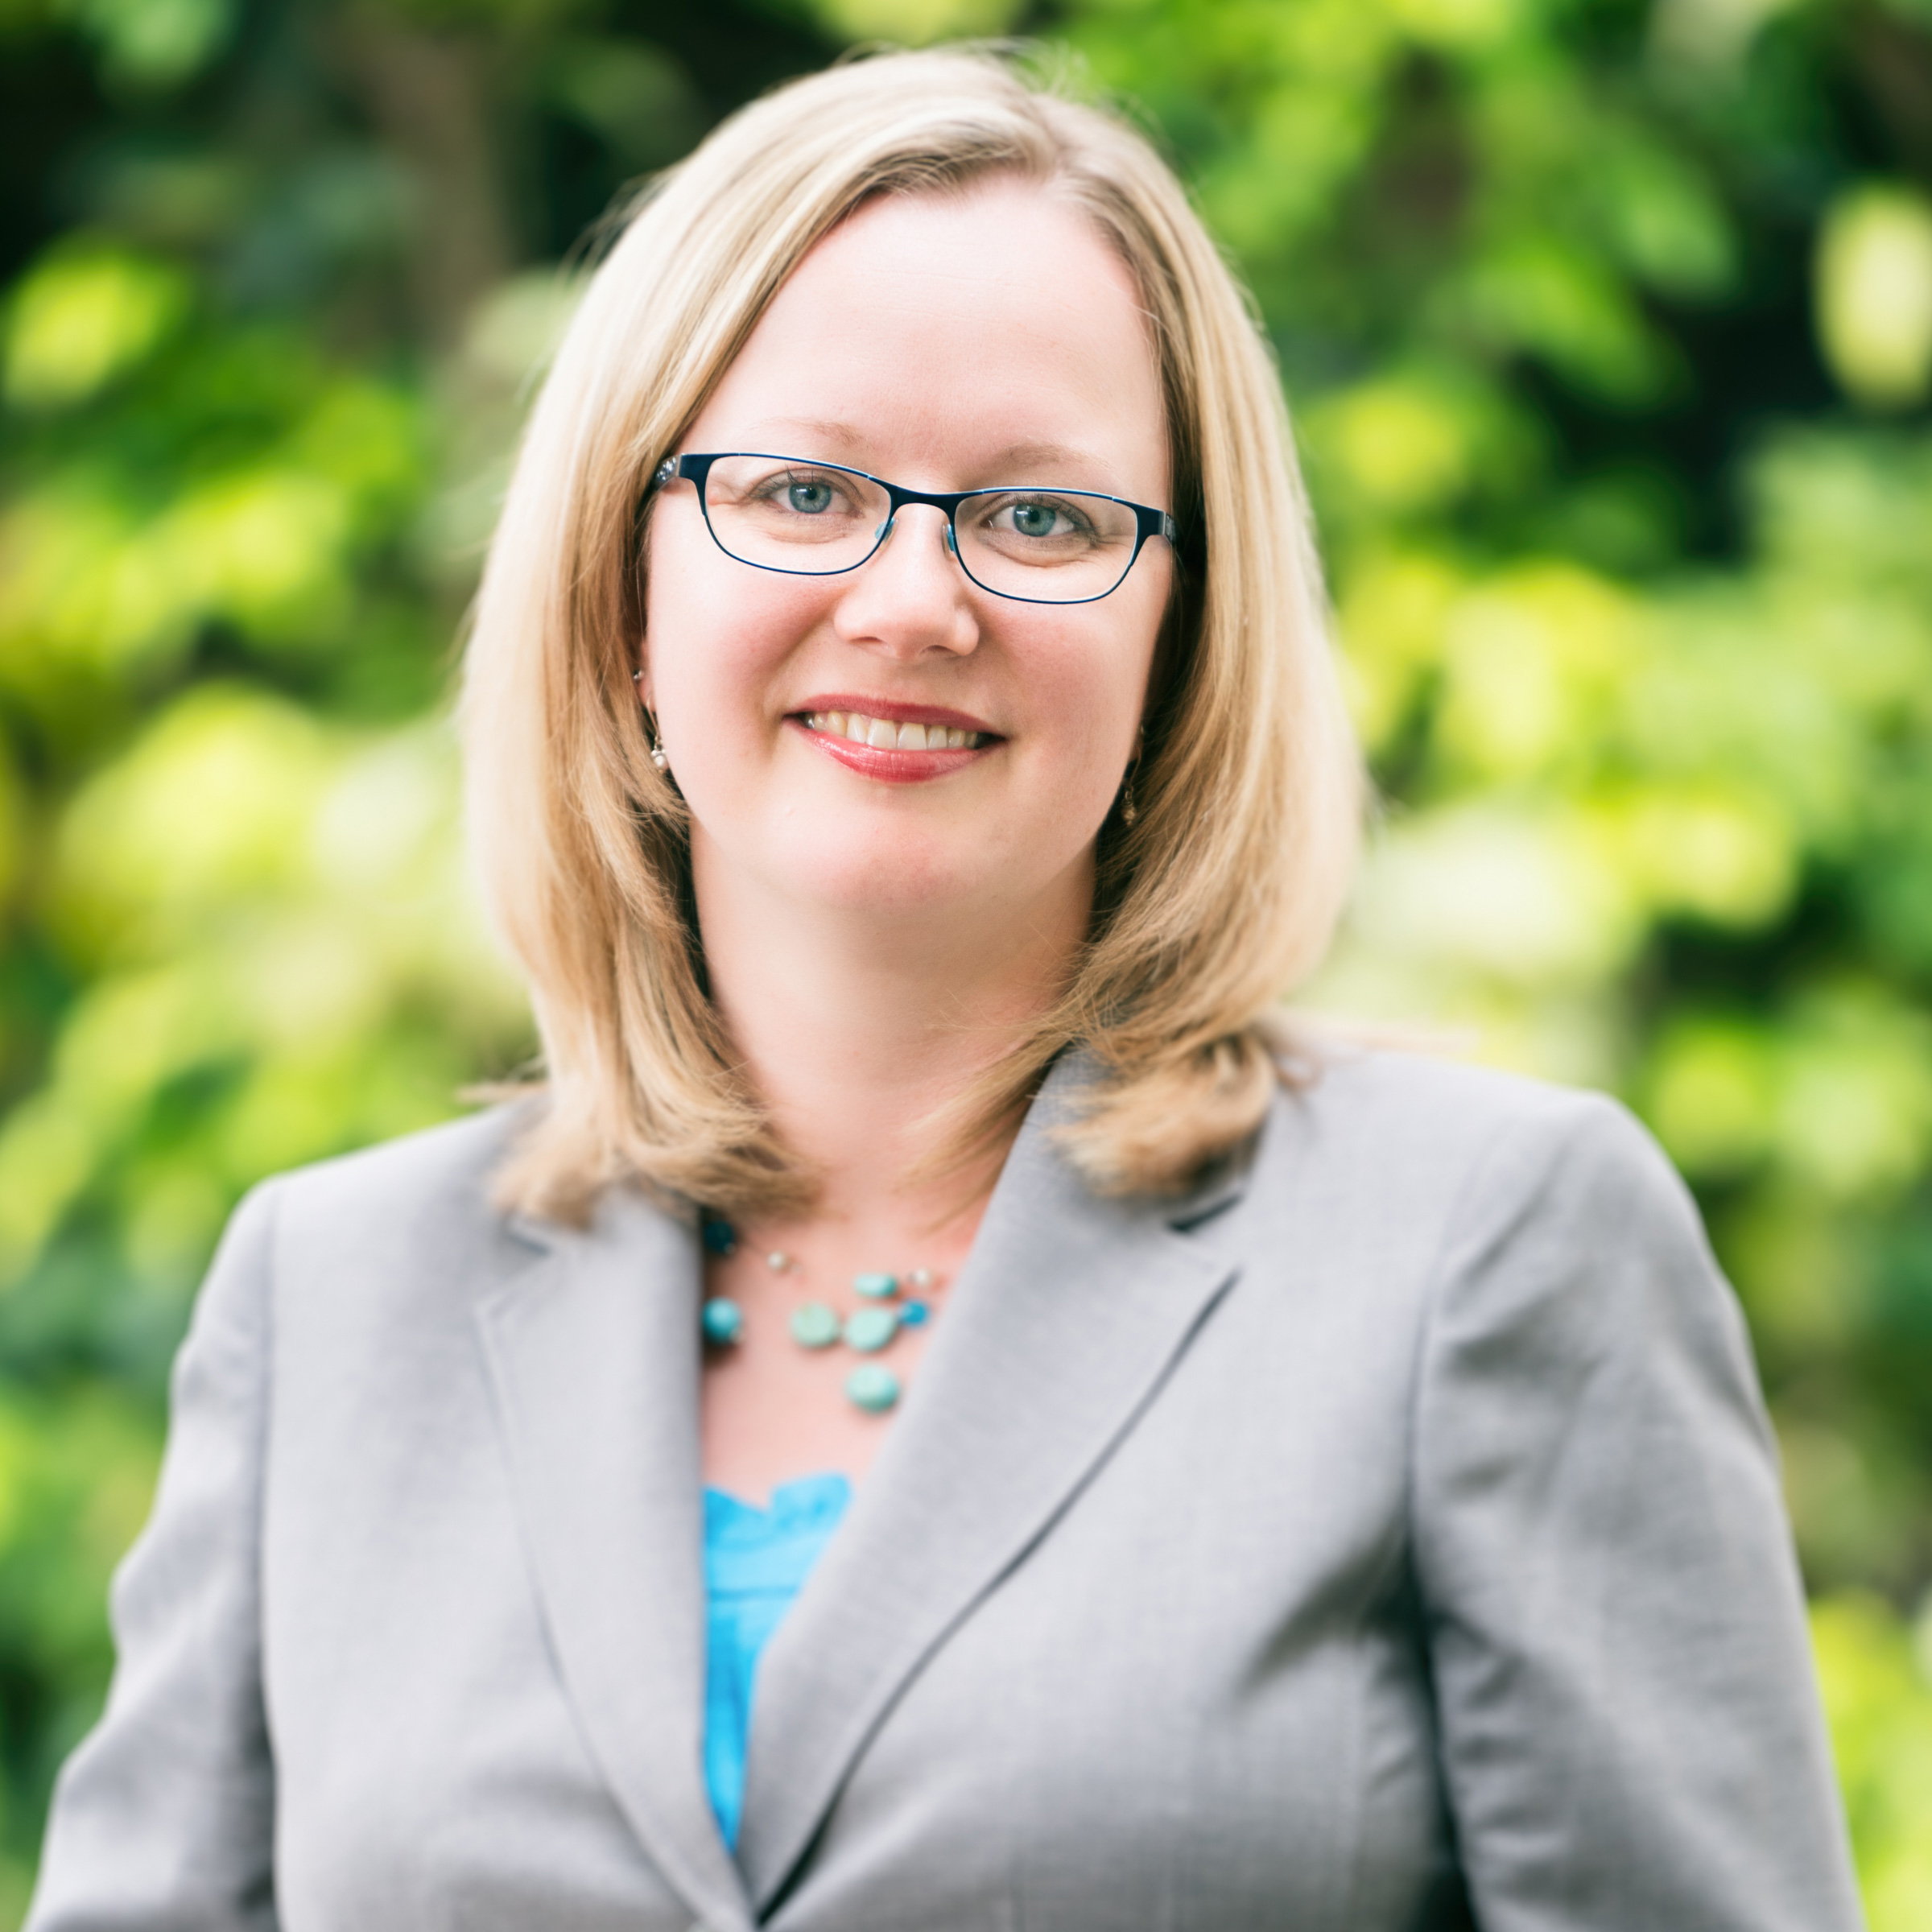 Heather Grebler